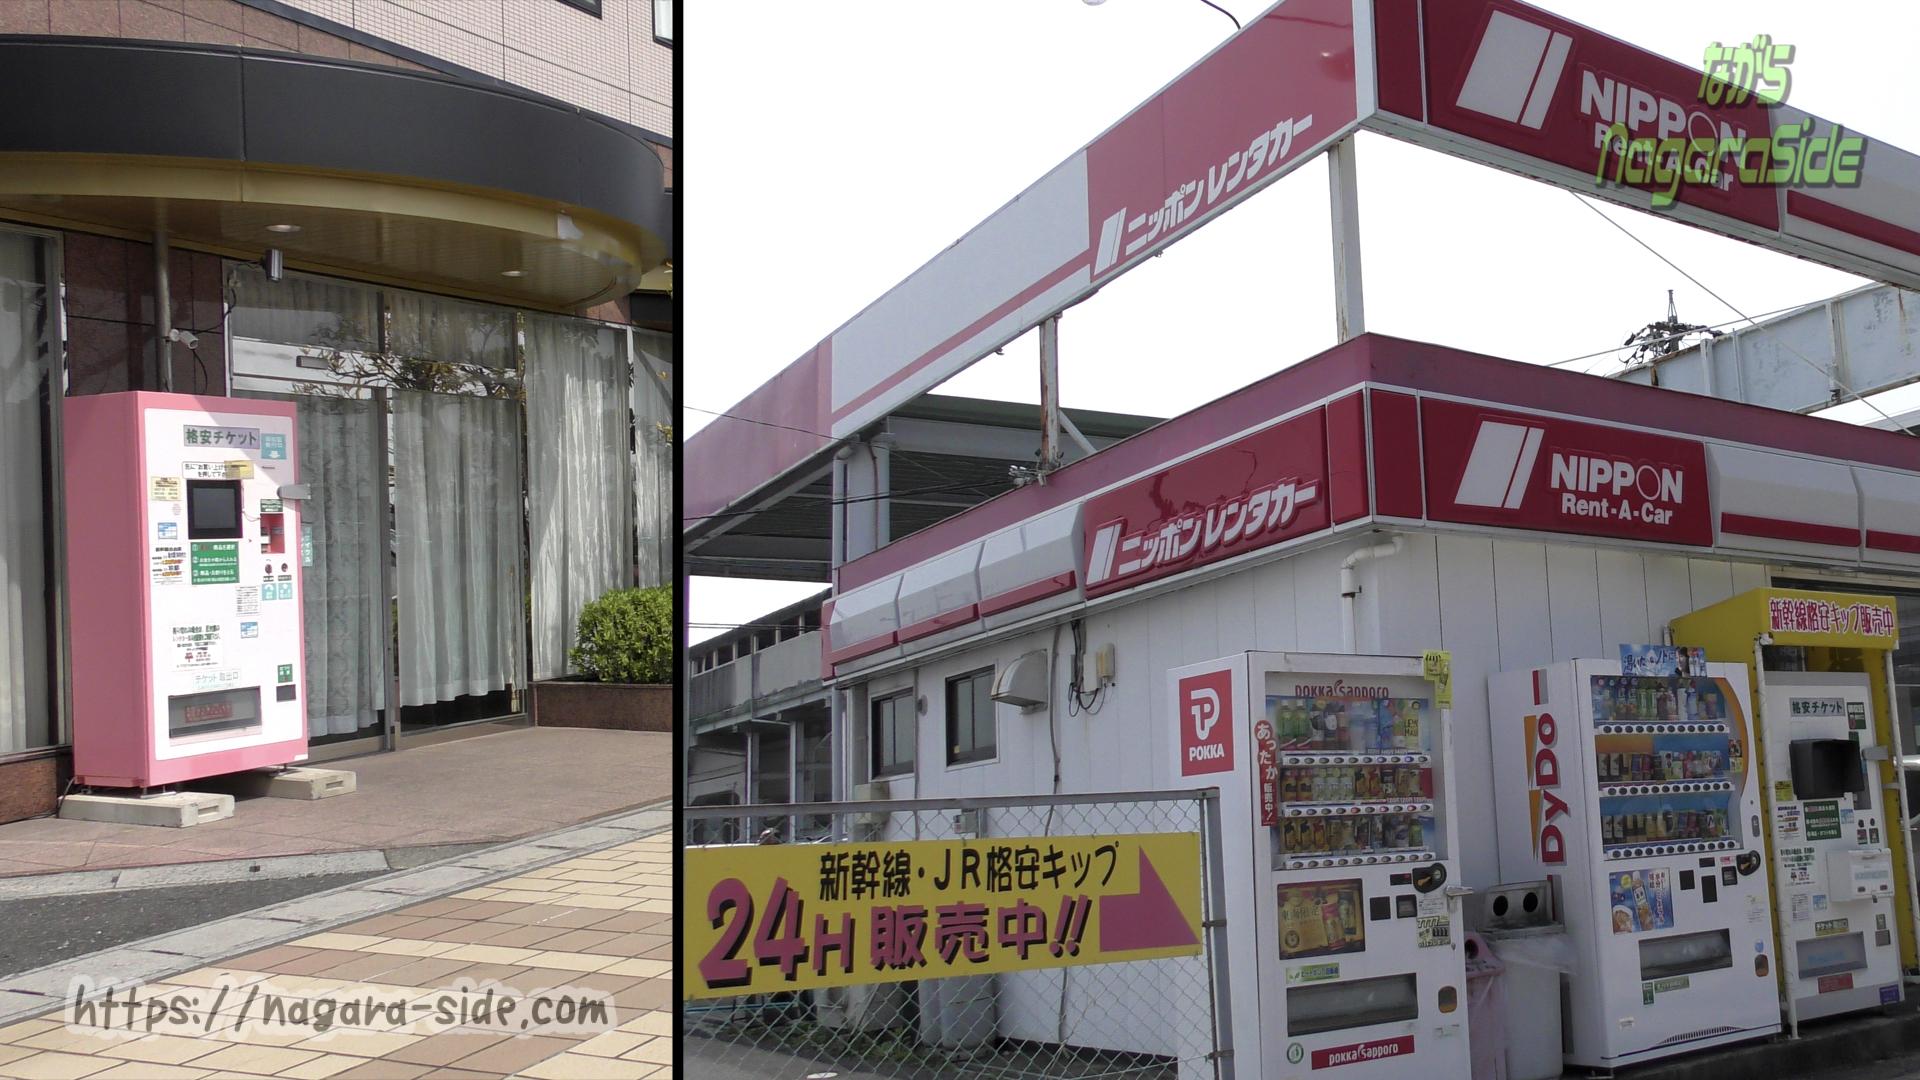 岐阜羽島駅北口にある格安切符の自動販売機